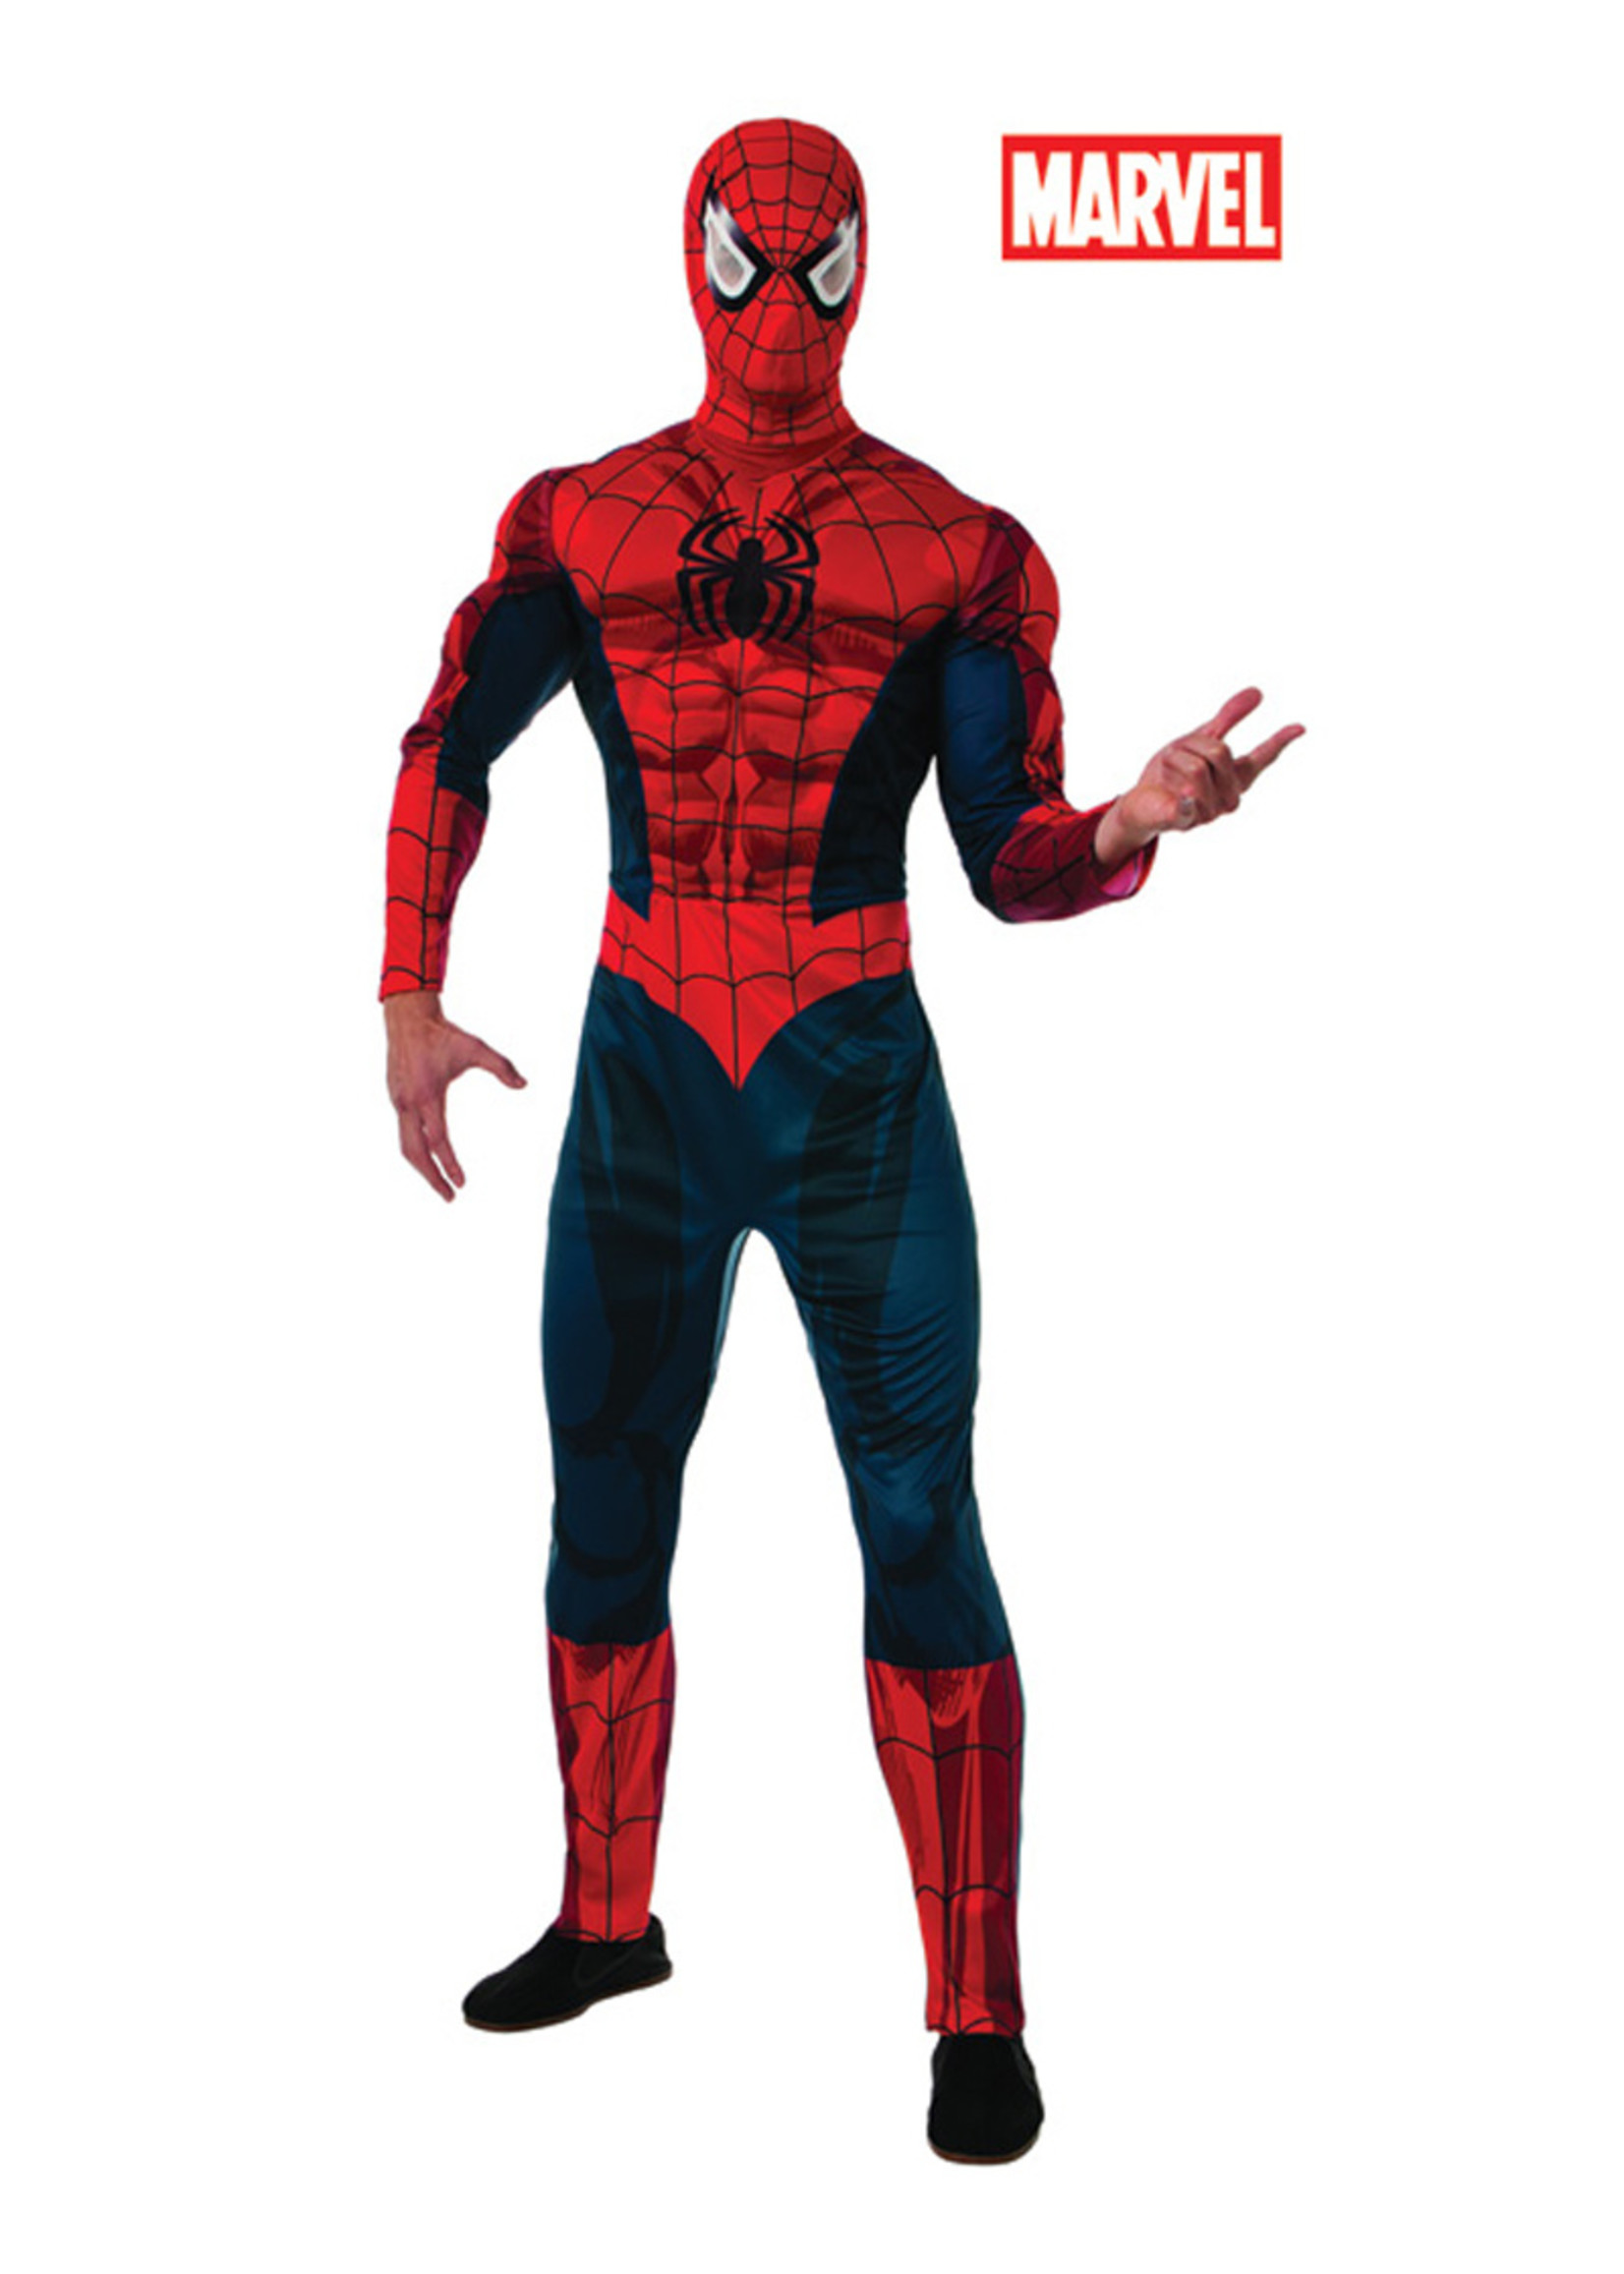 Spider-Man Deluxe Costume - Men's